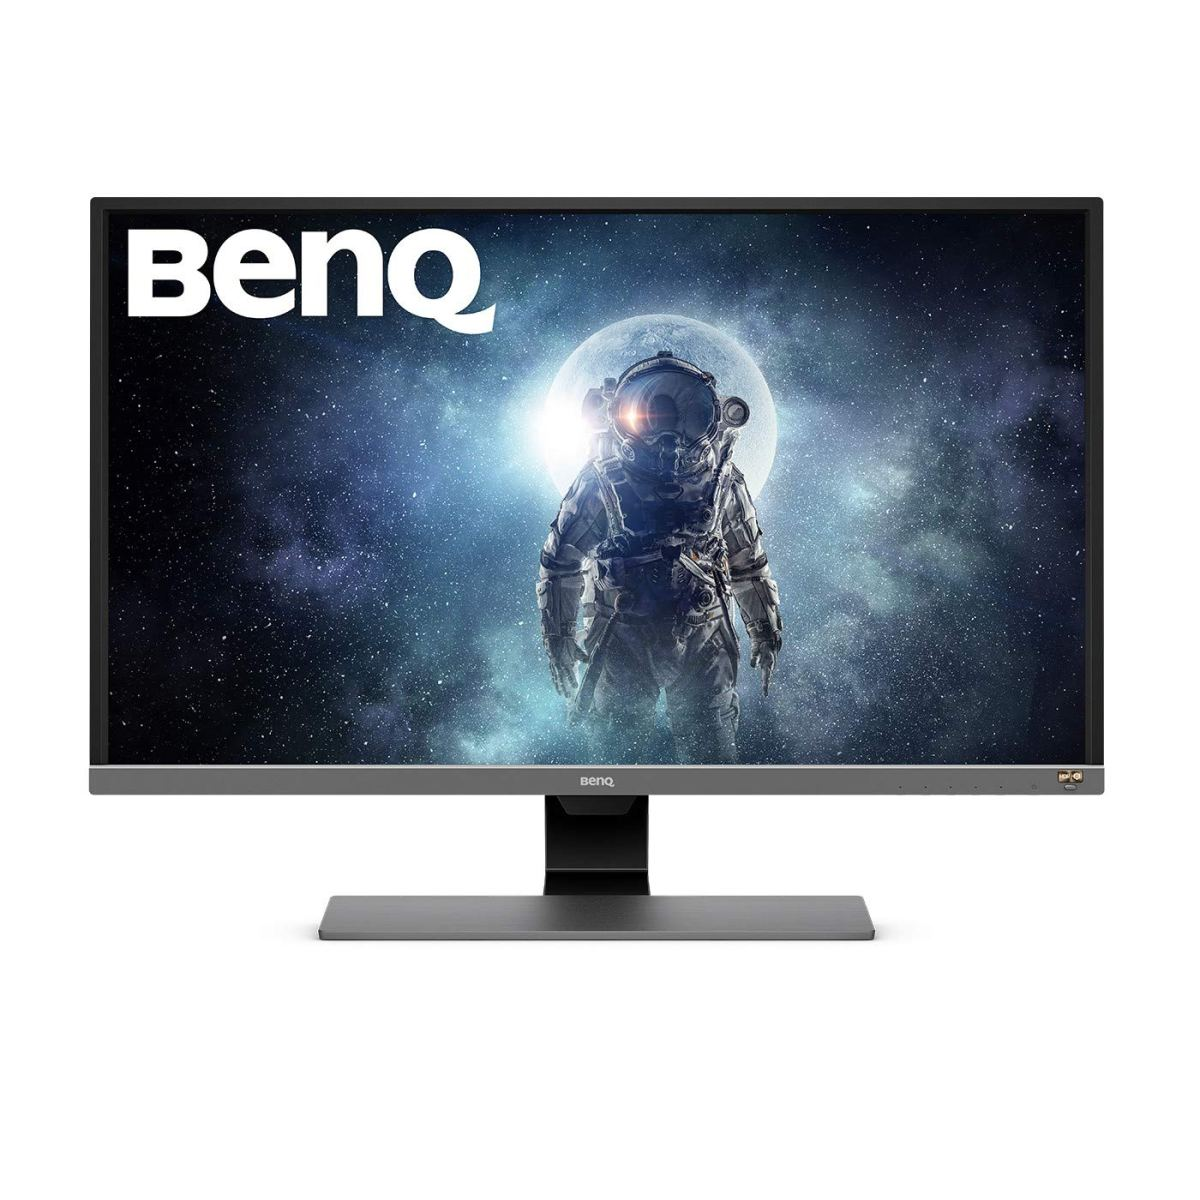 Review BenQ EW3270U, Monitor 4K HDR Terjangkau Untuk <em>Gaming</em> 22 BenQ, BenQ EW3270U, harga, spesifikasi